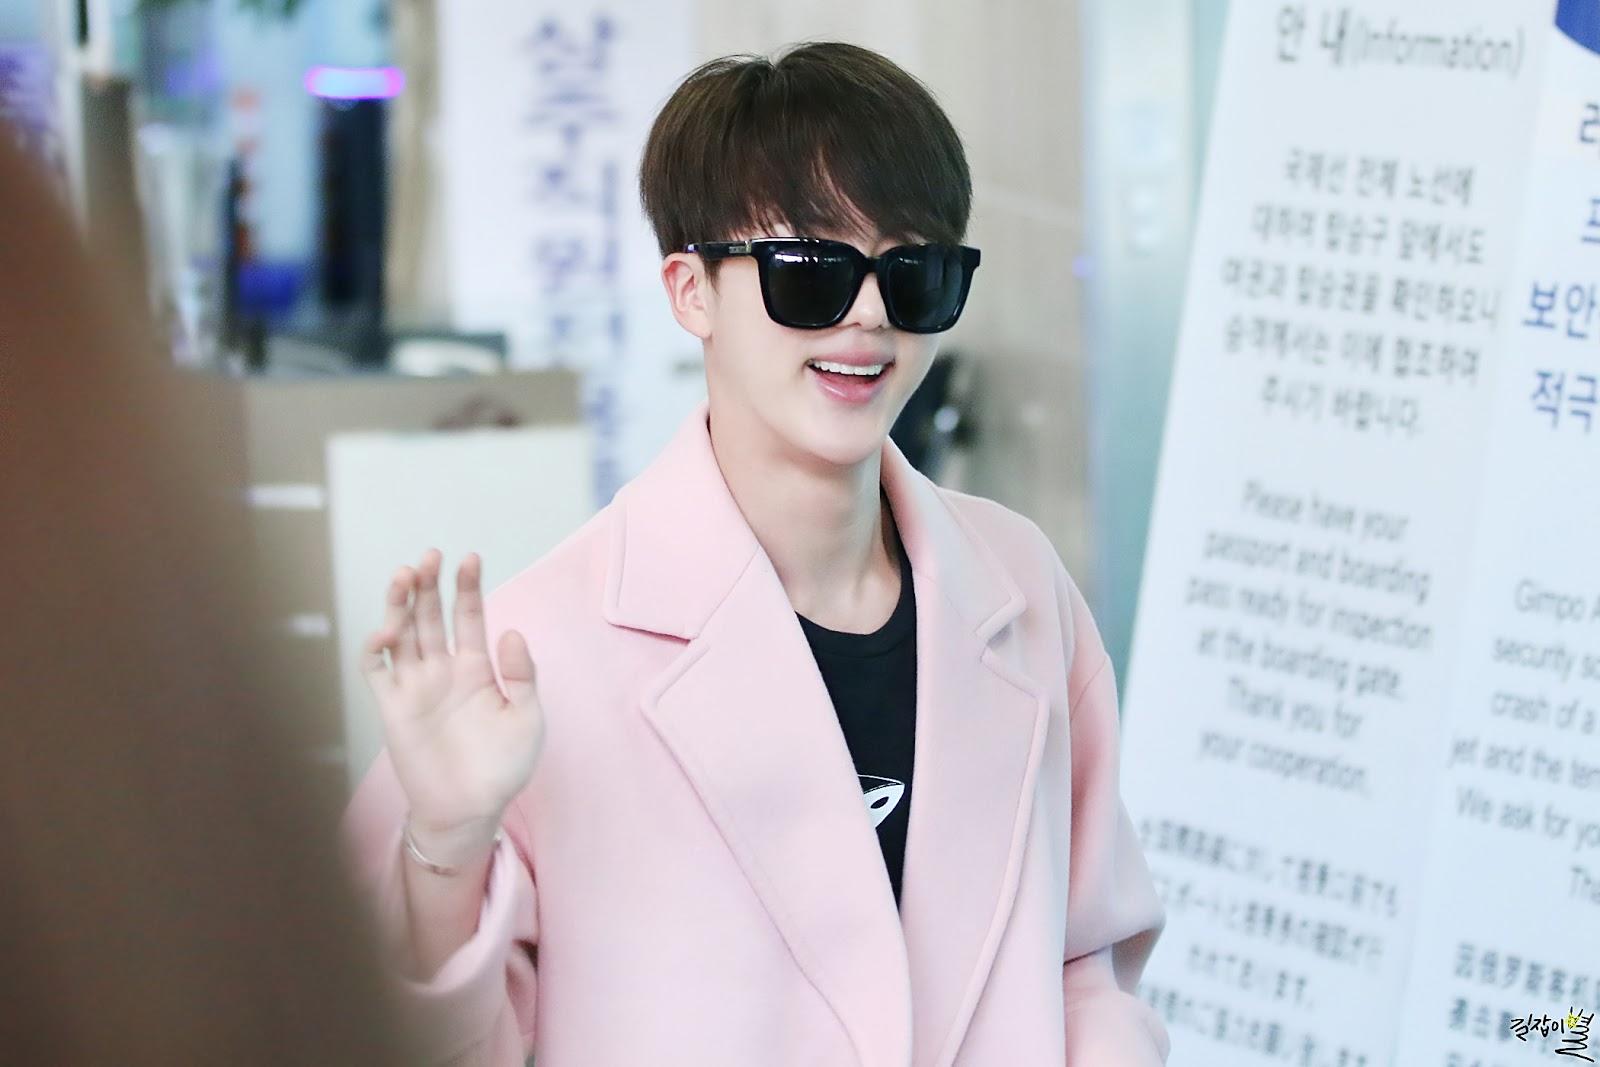 jin-sunglasses